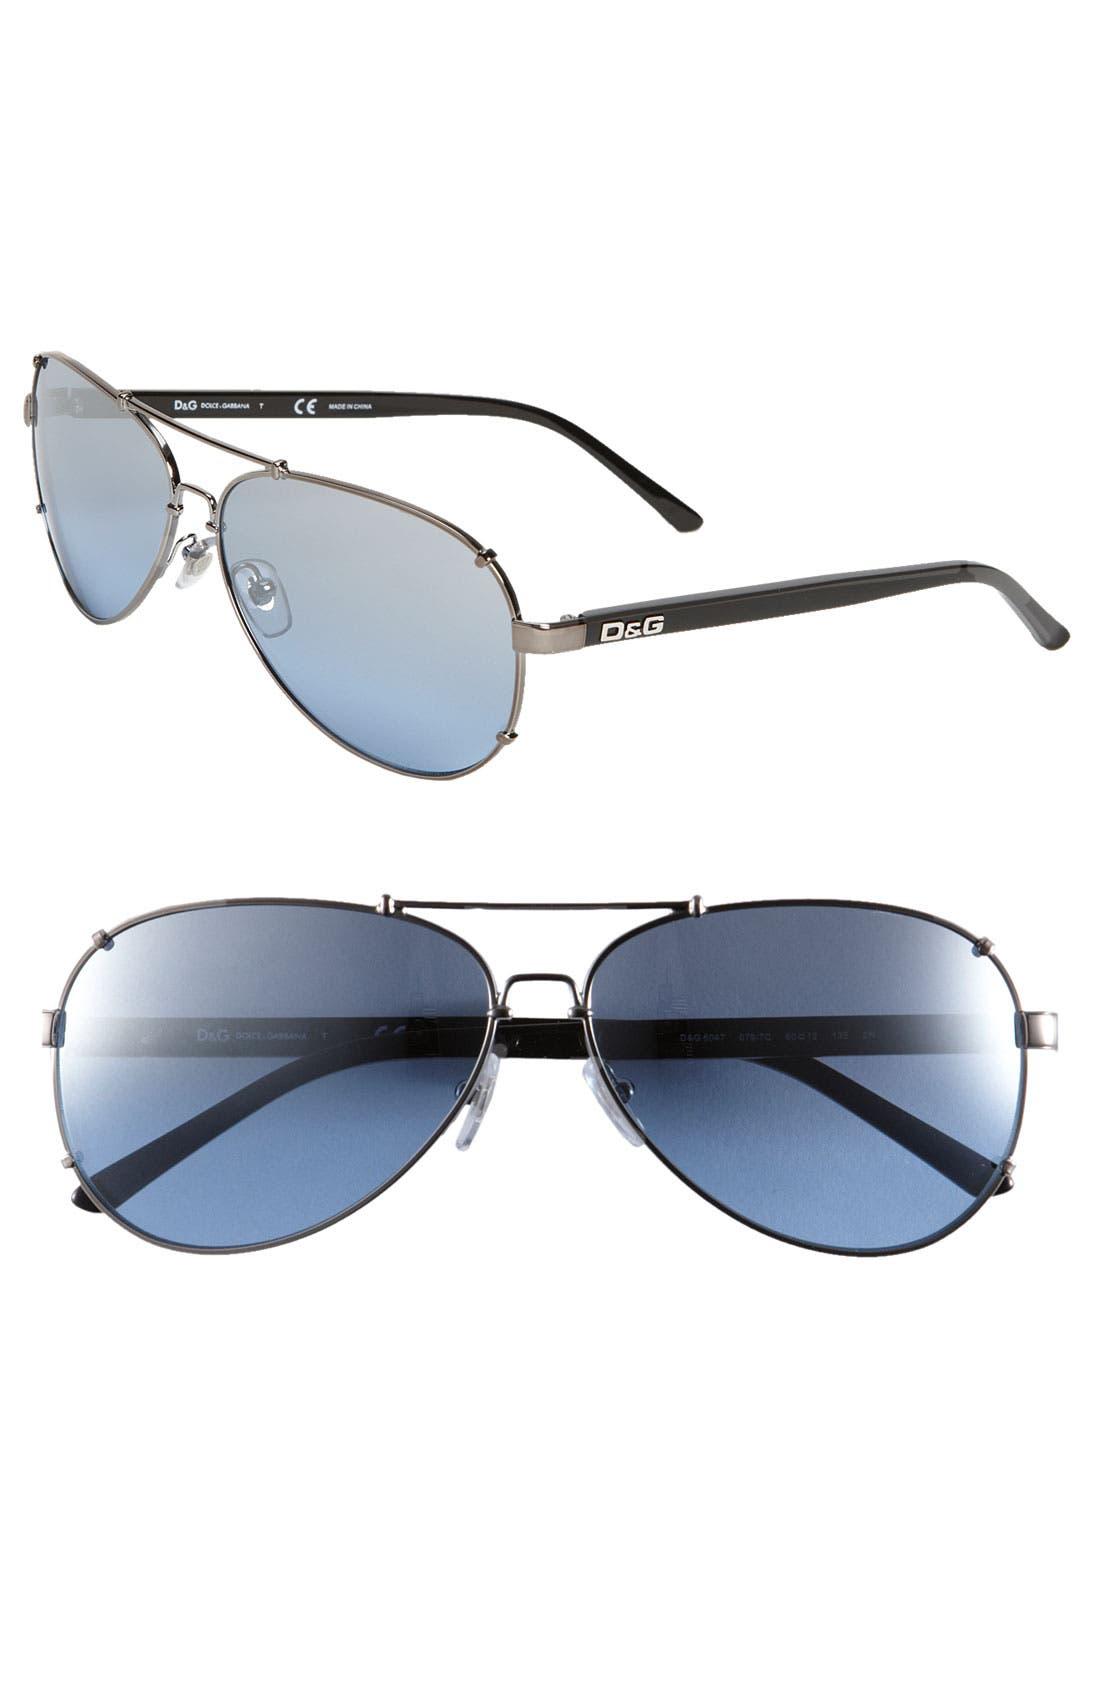 Alternate Image 1 Selected - D&G Metal Aviator Sunglasses